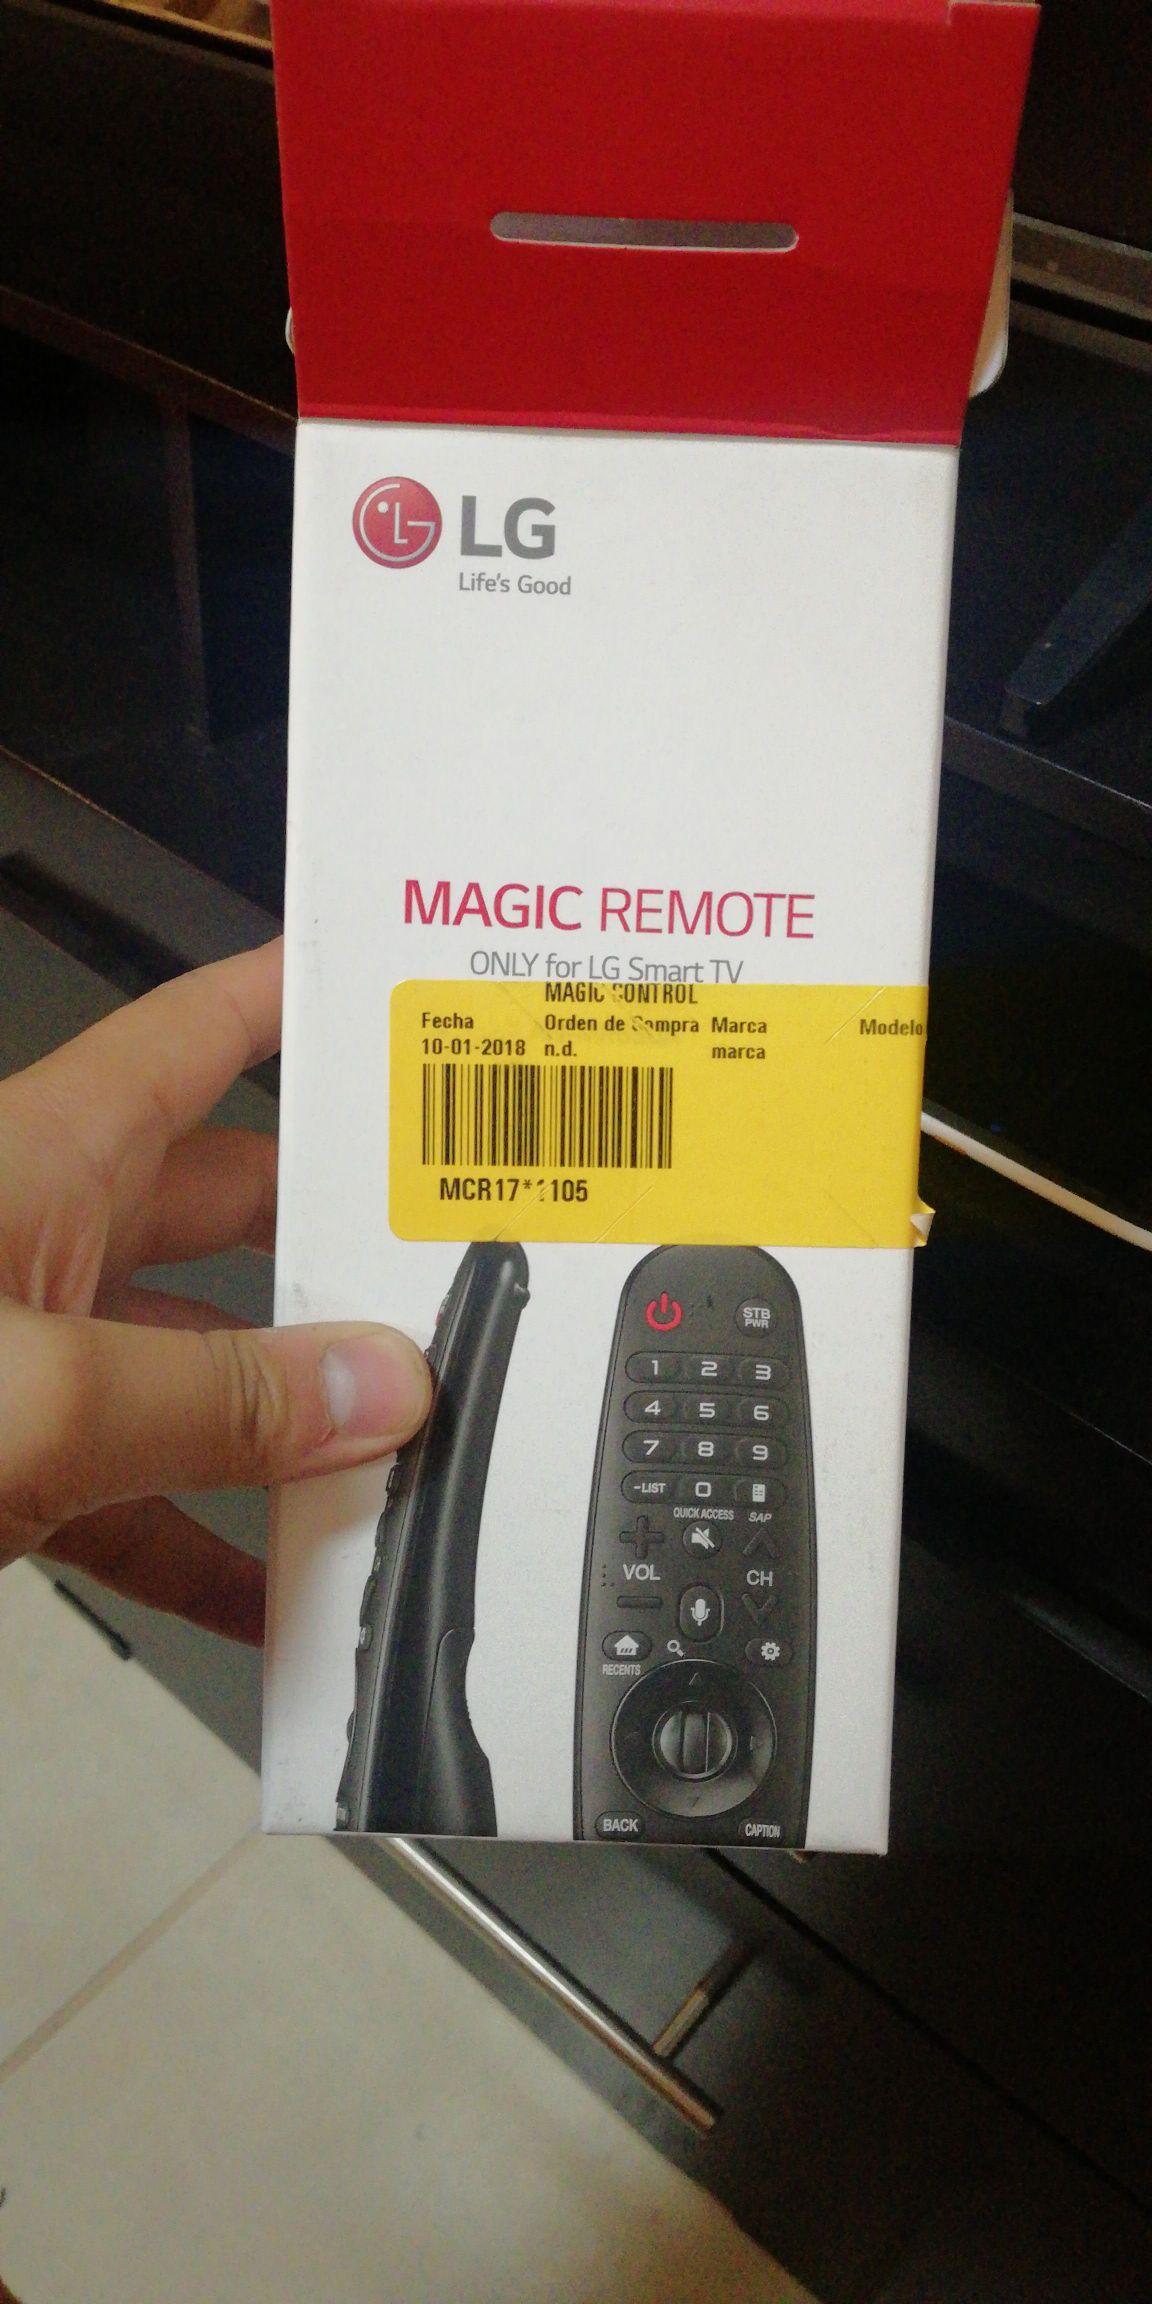 Famsa:Lg Magic remote $149